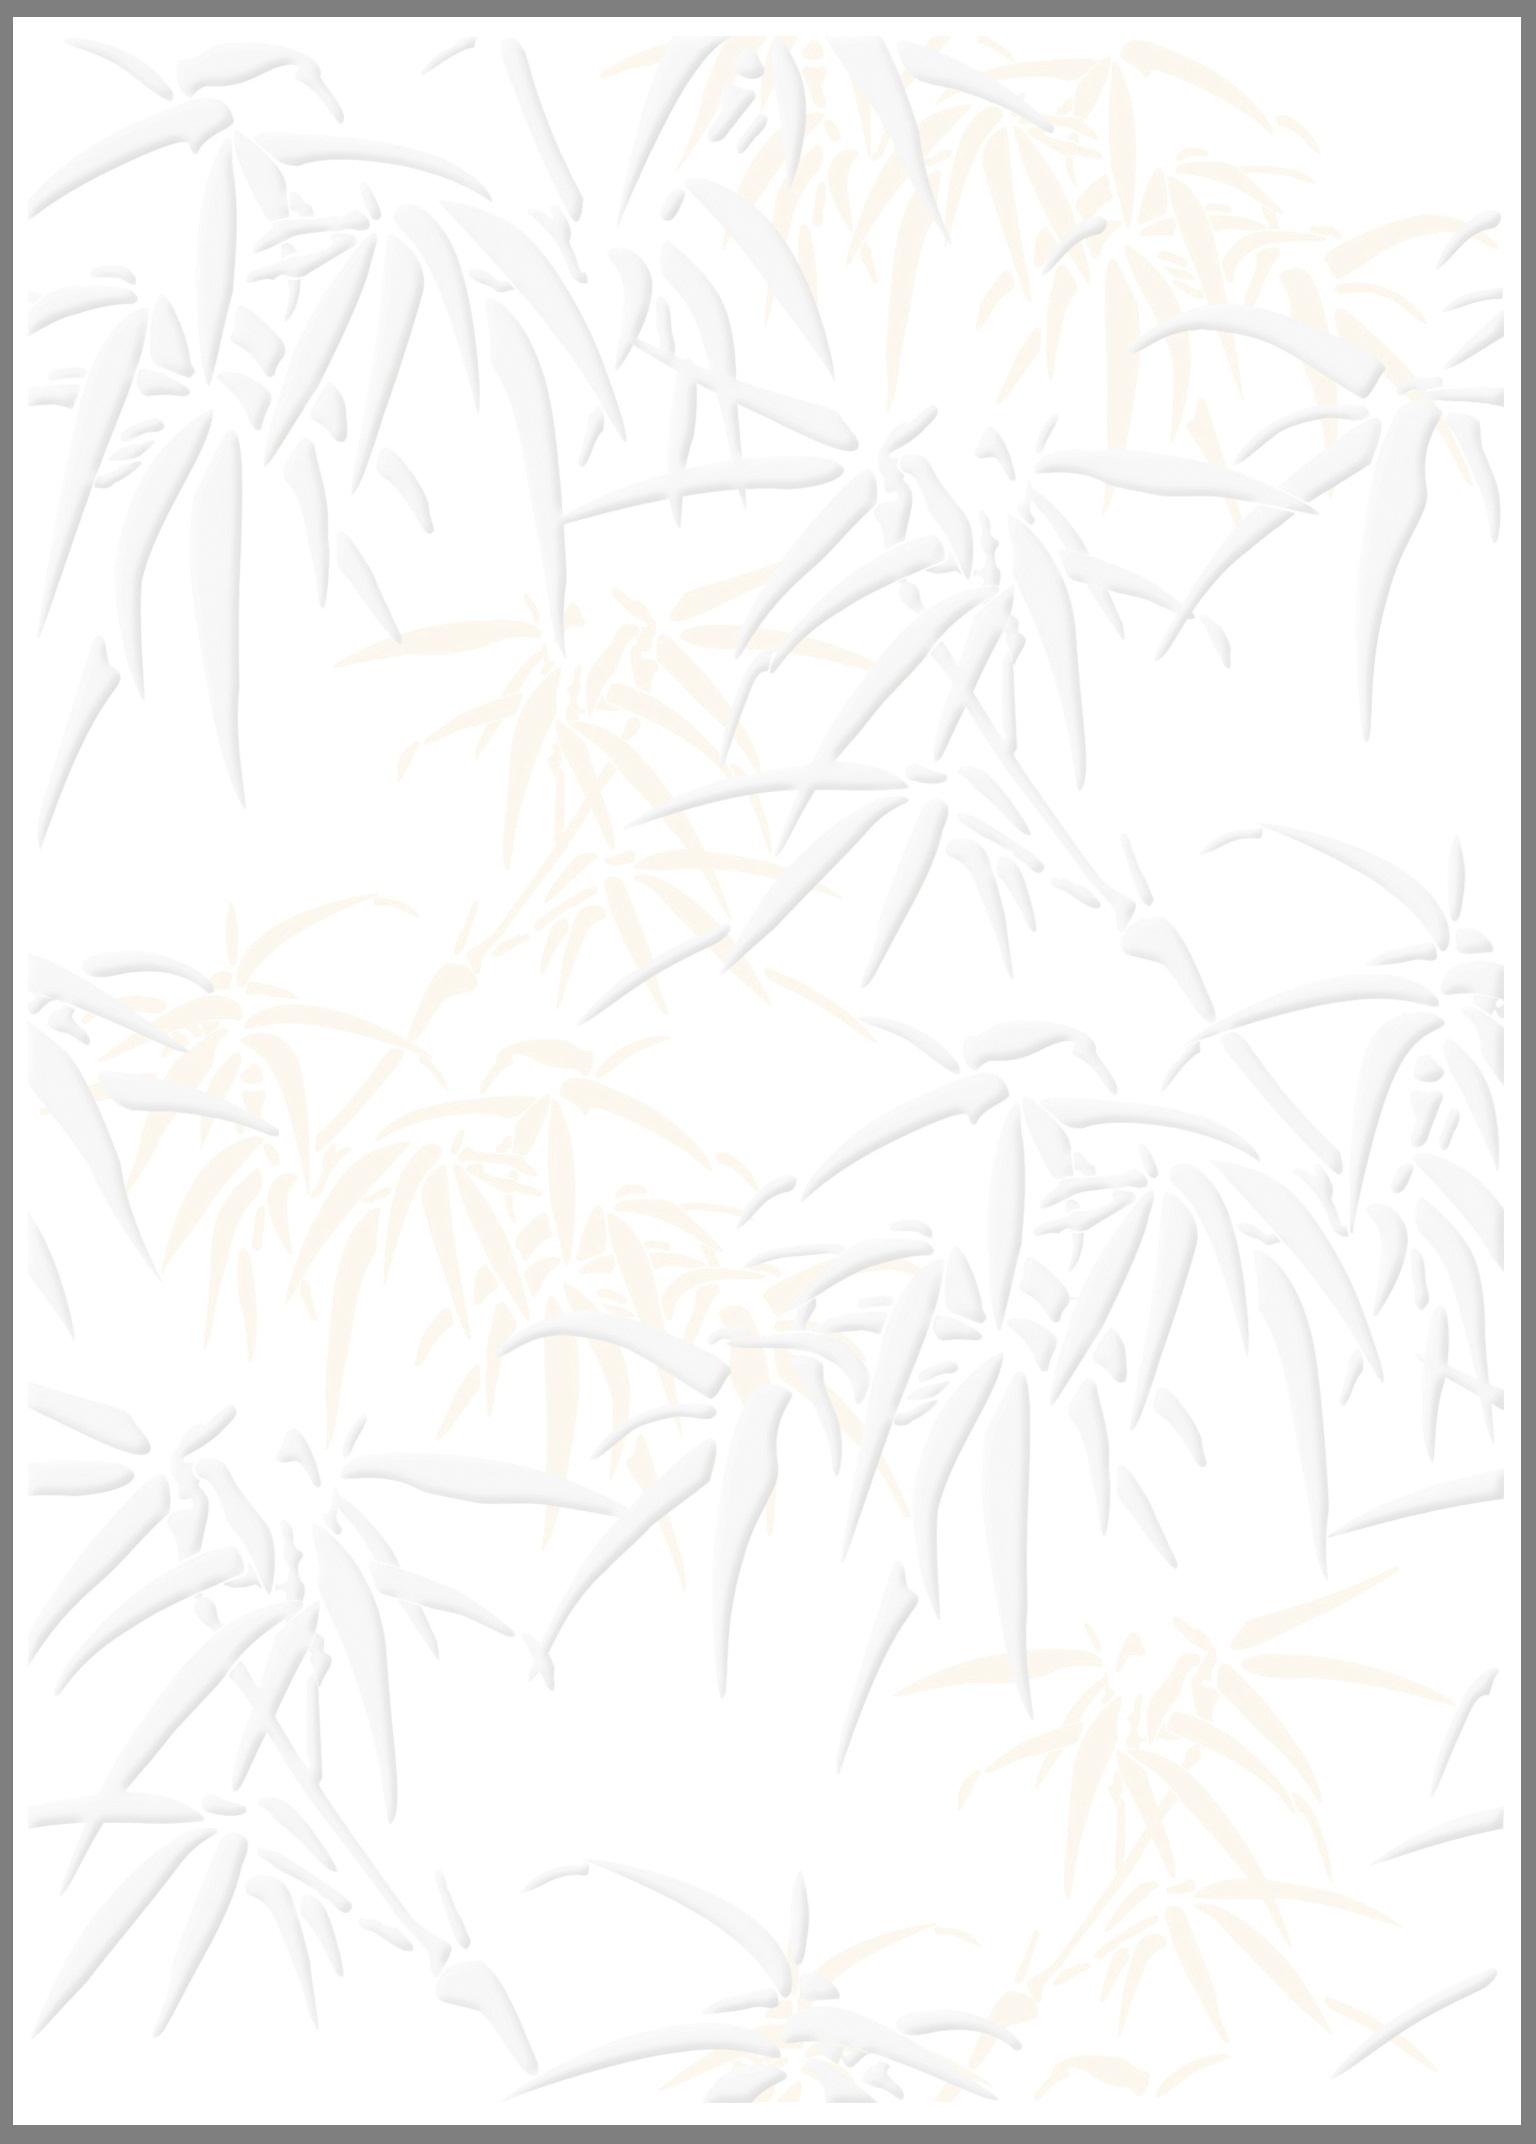 Плитка облицовочная Rovese (cersanit)Керамическая плитка<br>Коллекция: Jungle,<br>Тип: плитка,<br>Место укладки: пол,<br>Назначение плитки: для ванной комнаты, туалета,<br>Рисунок: флора,<br>Цвет: зелёный,<br>Поверхность: глянцевая,<br>Размер плитки: 250х350,<br>Толщина: 7,<br>Страна происхождения: Россия,<br>Количество в упаковке: 16,<br>м2 в упаковке: 1.4<br>